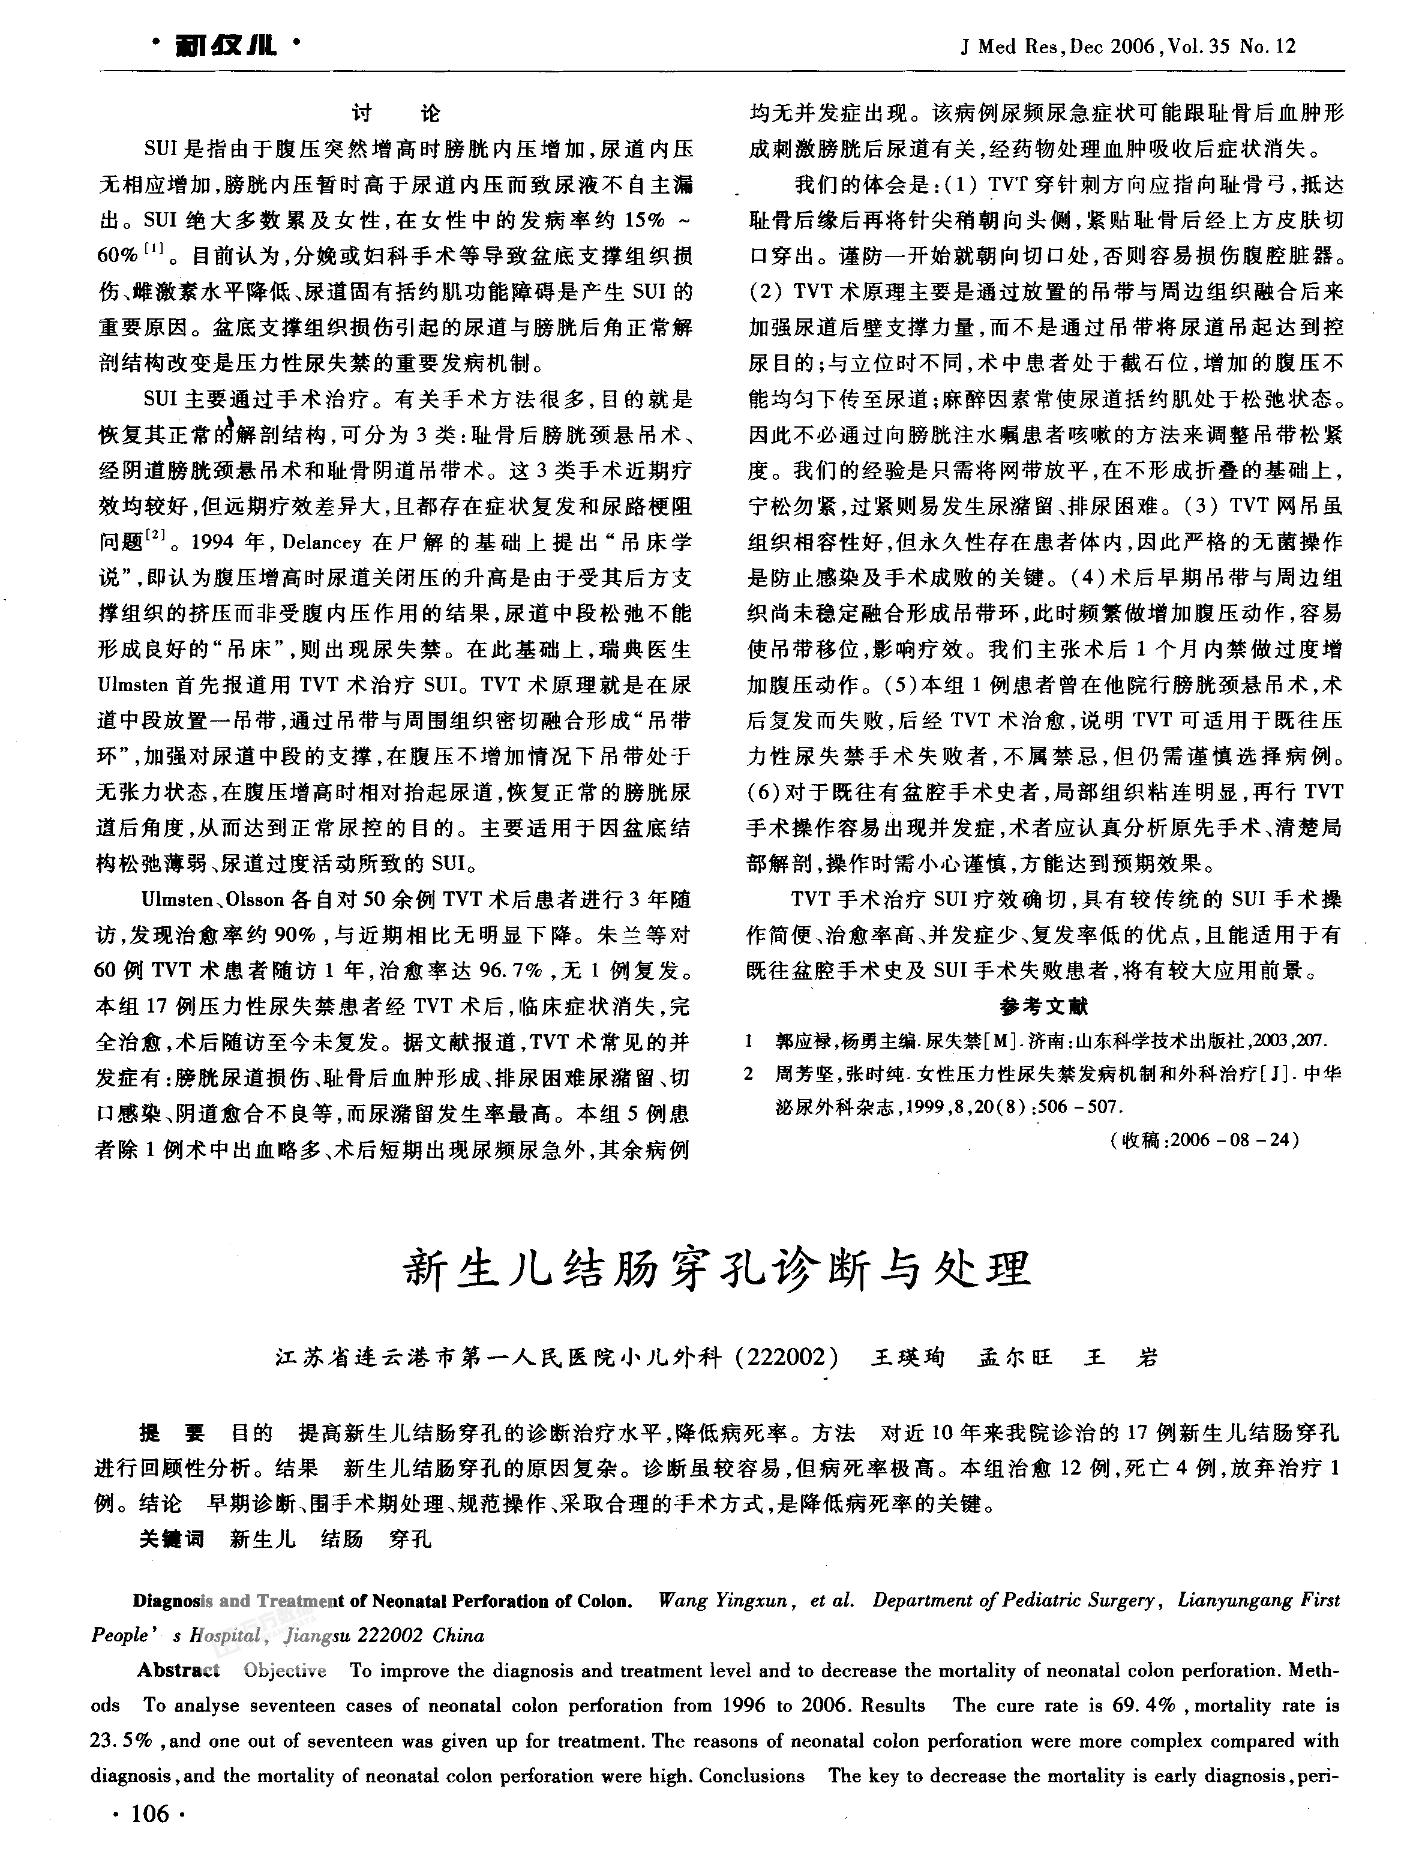 新生儿结肠穿孔诊断与处理.pdf